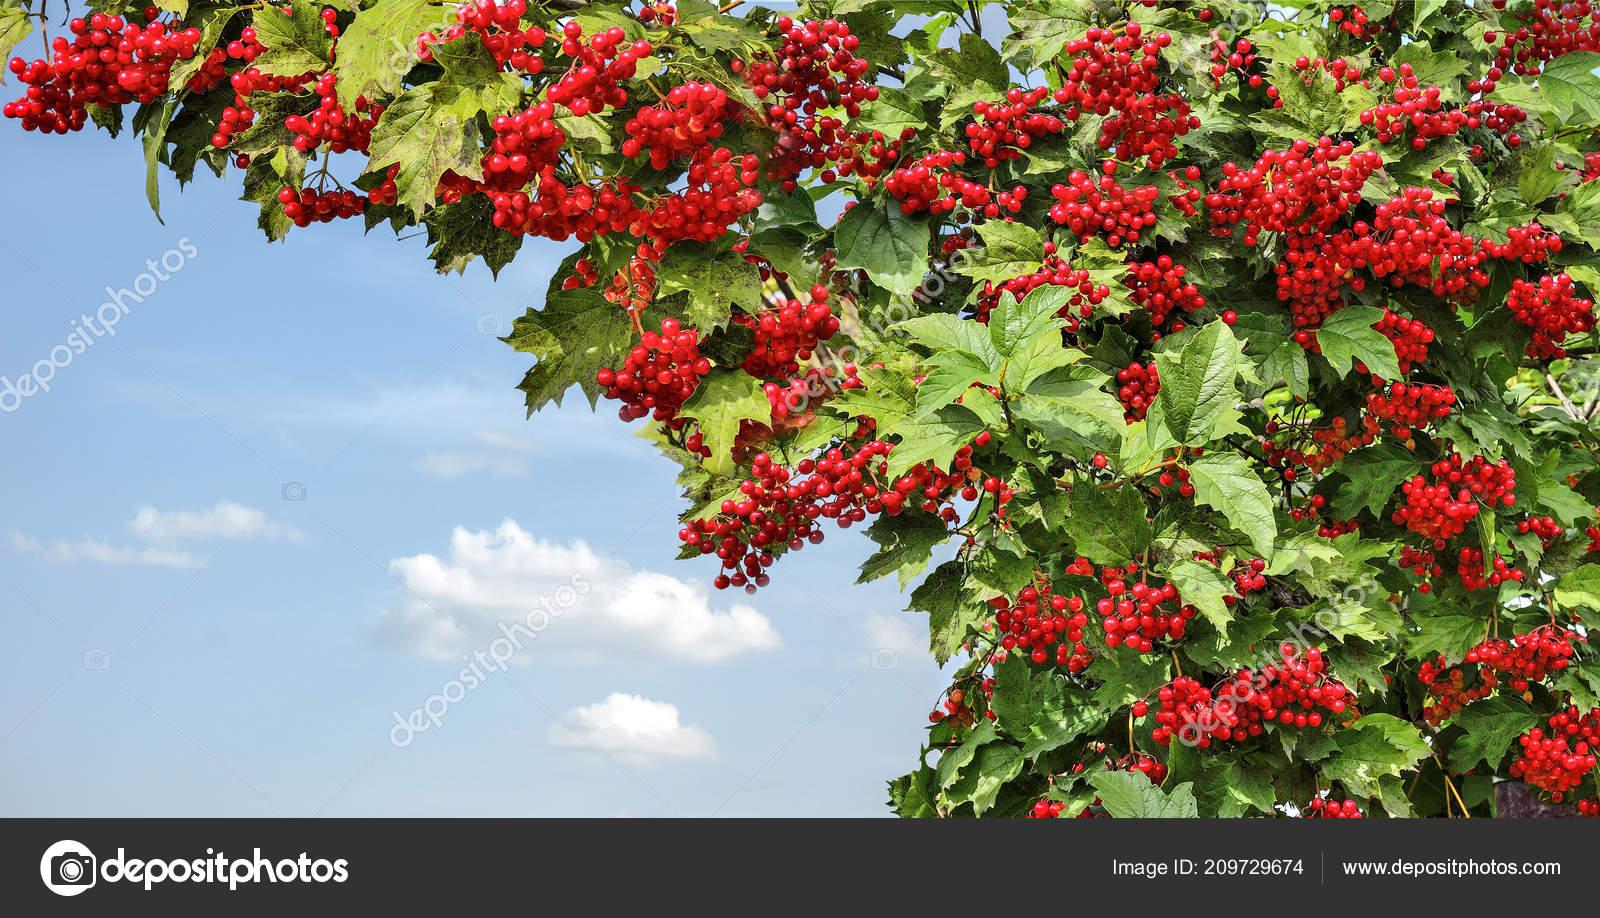 Schneeball Viburnum Opulus Strauch Mit Roten Beeren Und Grünen